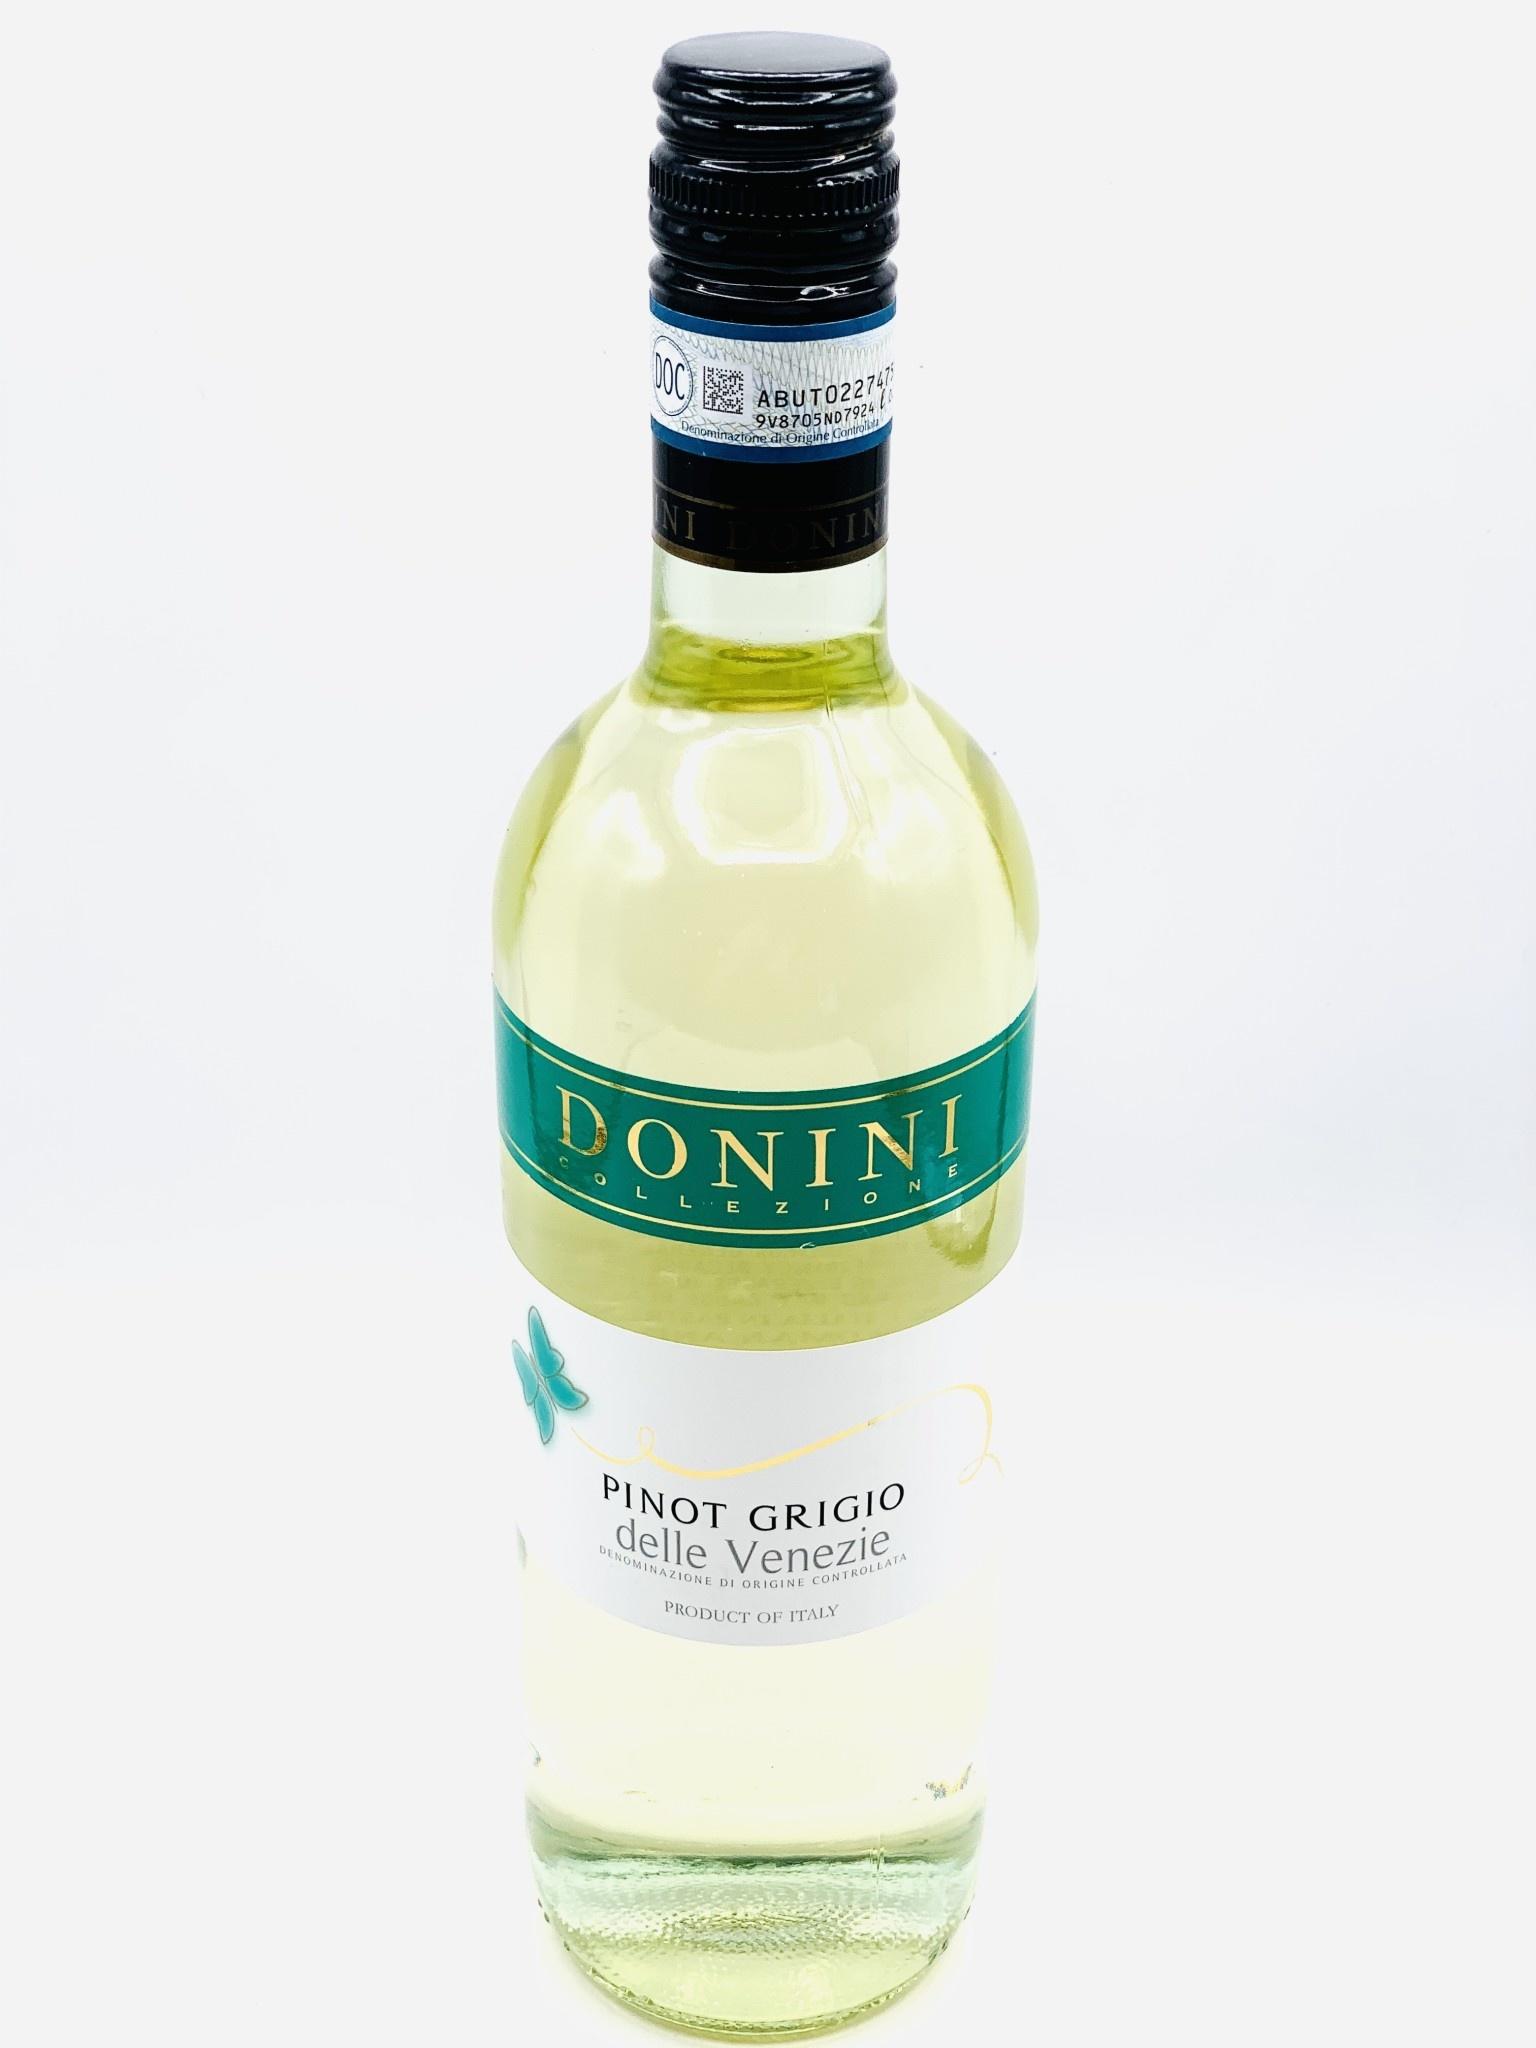 Venezie Pinot Grigio 2020 Donini 750ml